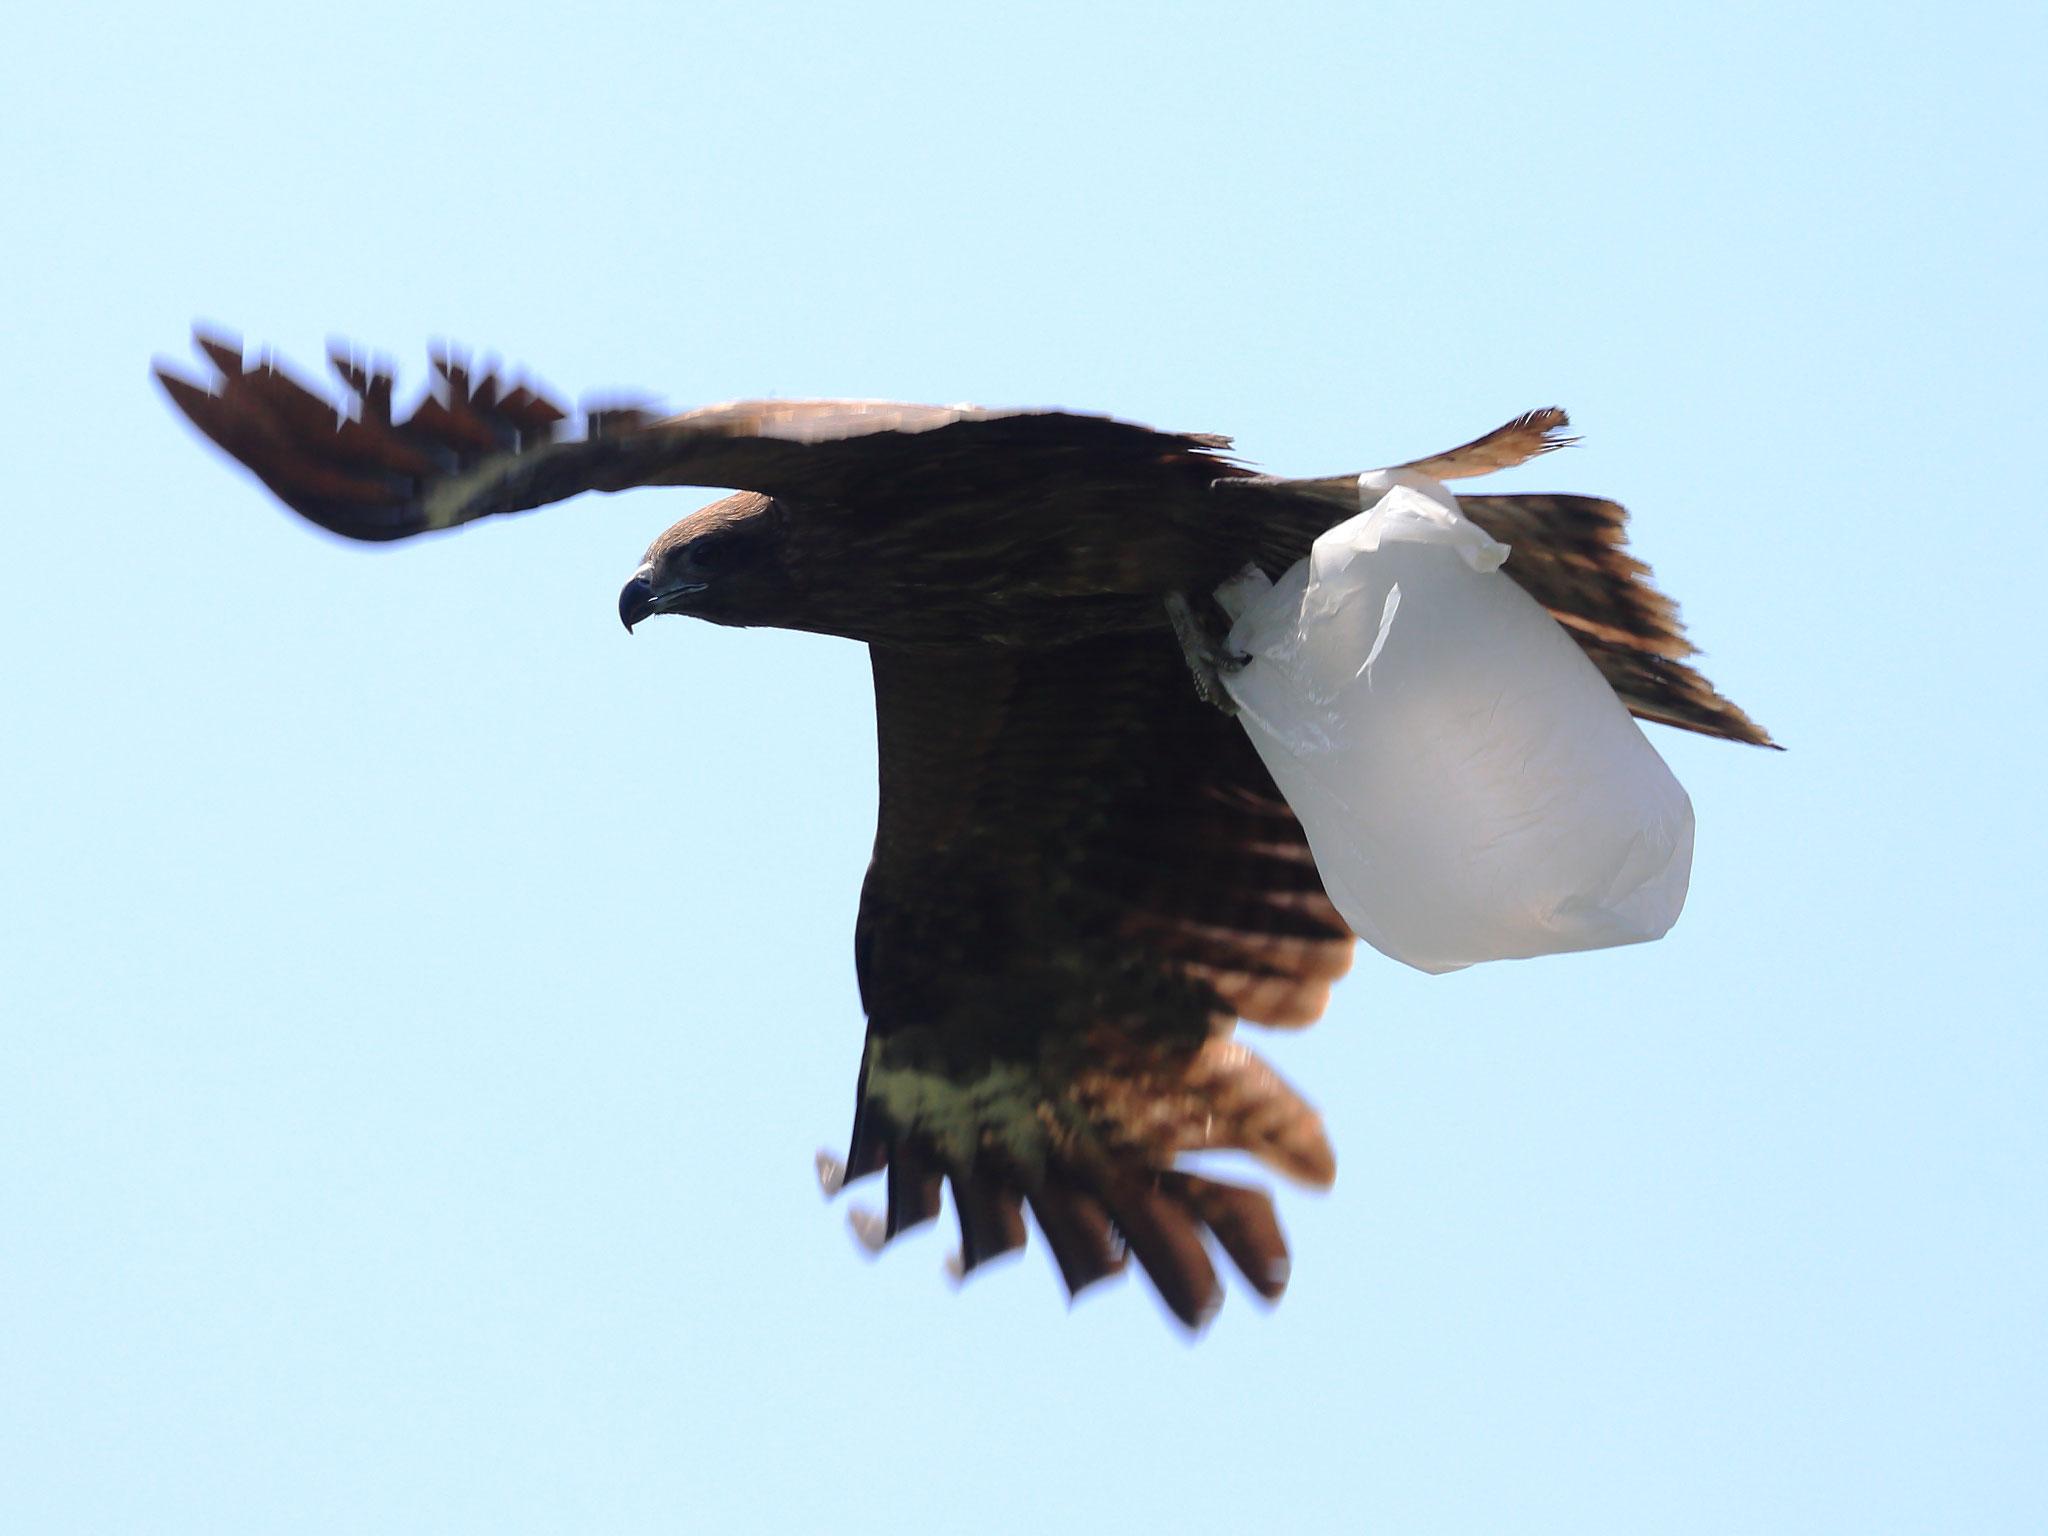 エコバック?いいえ、ゴミ袋です。空の。